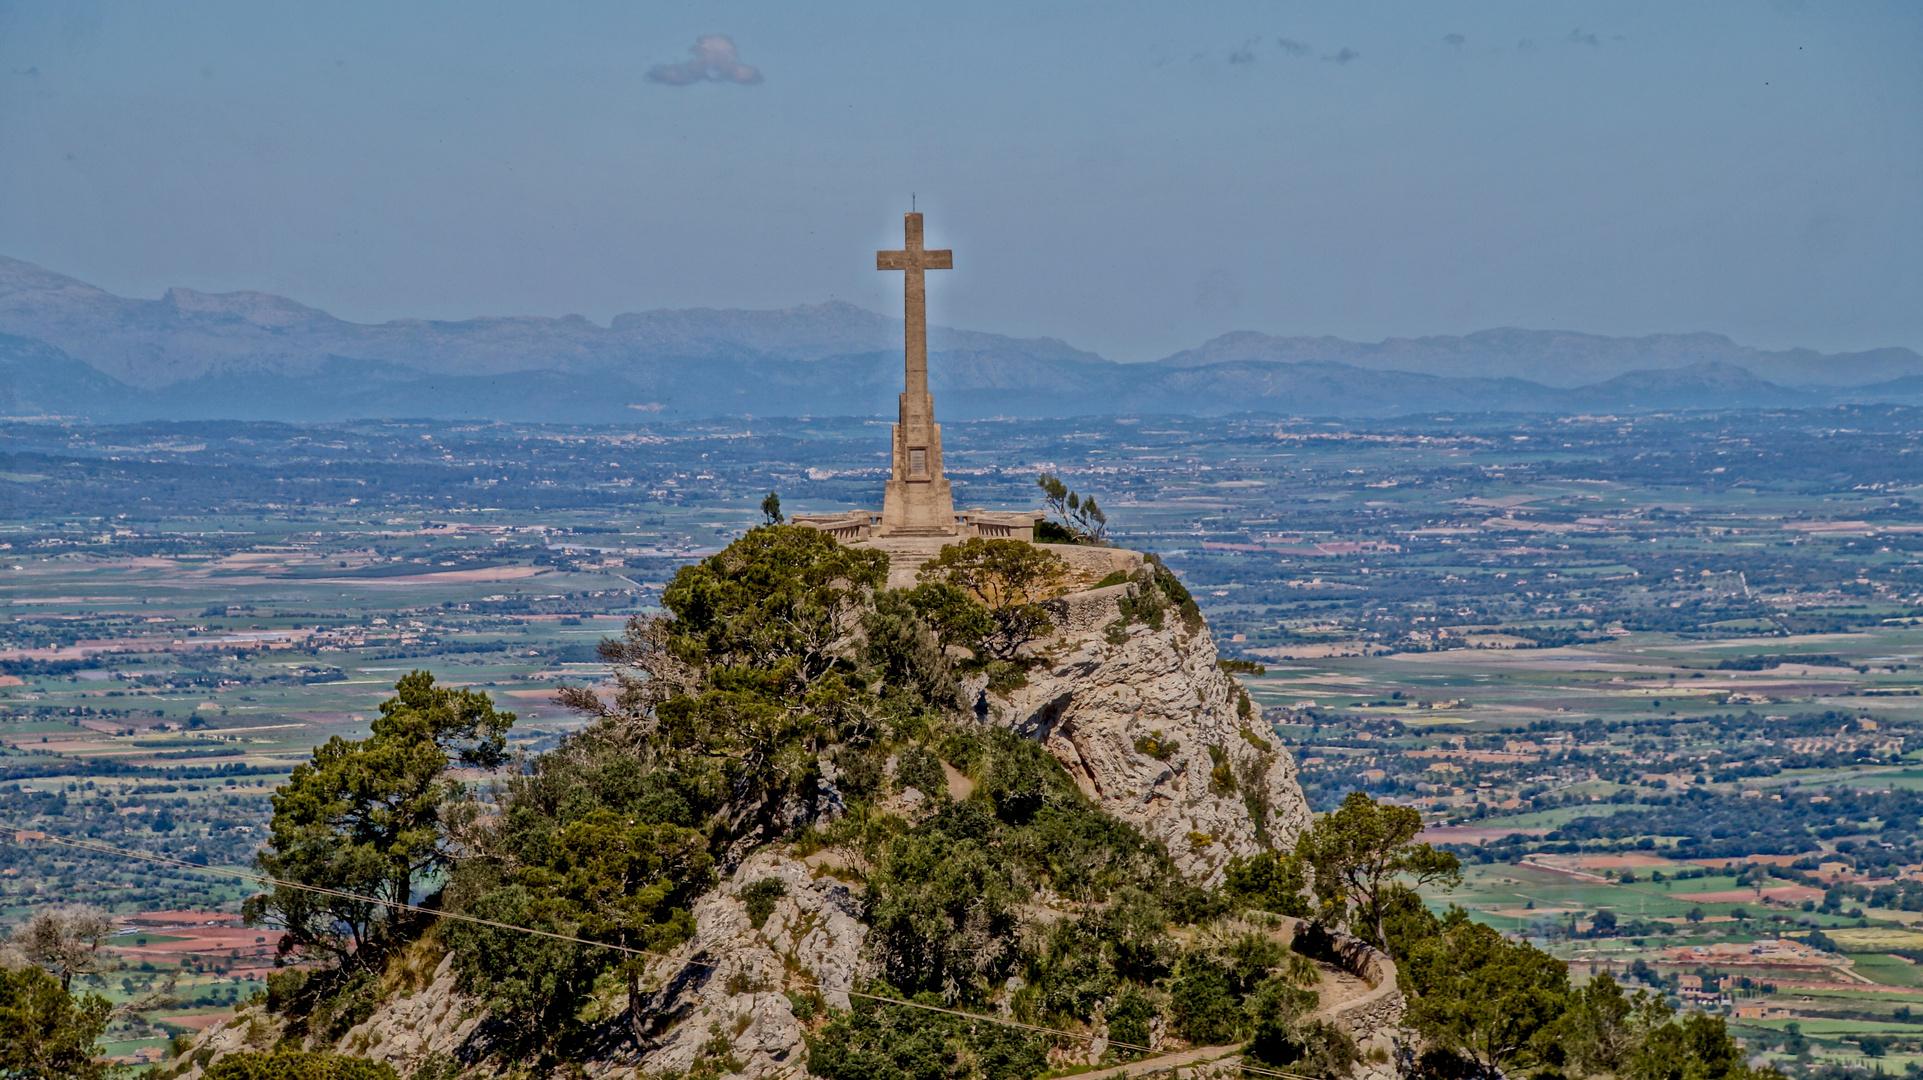 herrlicher Blick ins Landesinnere und aufs Mittelmeer ist sehenswert